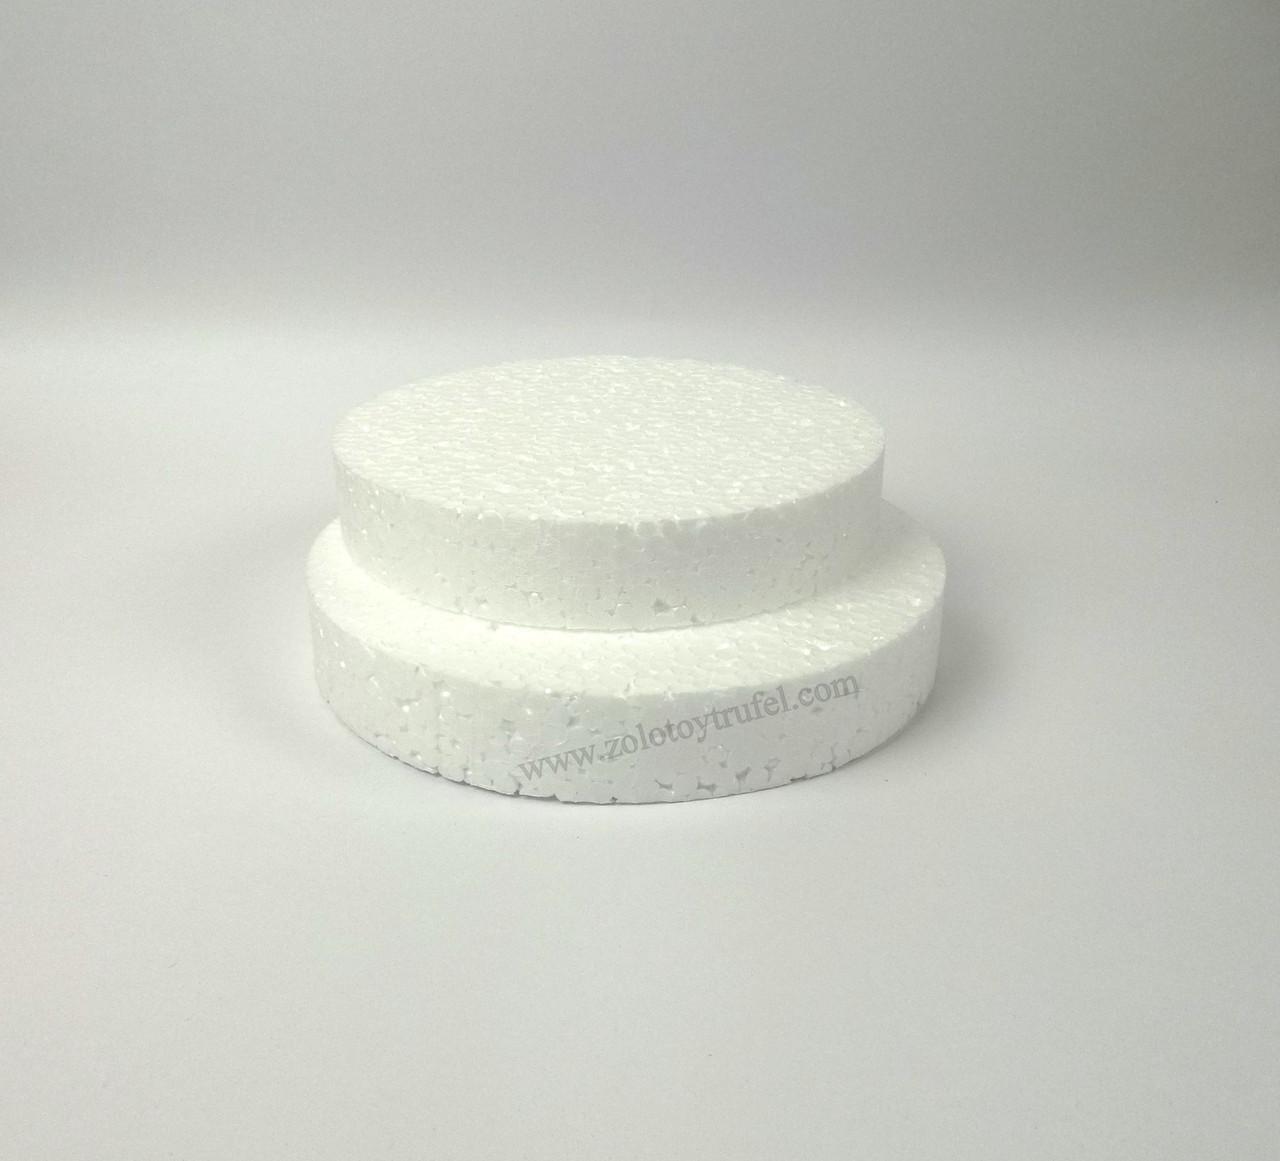 Прослойки пенопластовые для торта d 23 см h 3 см